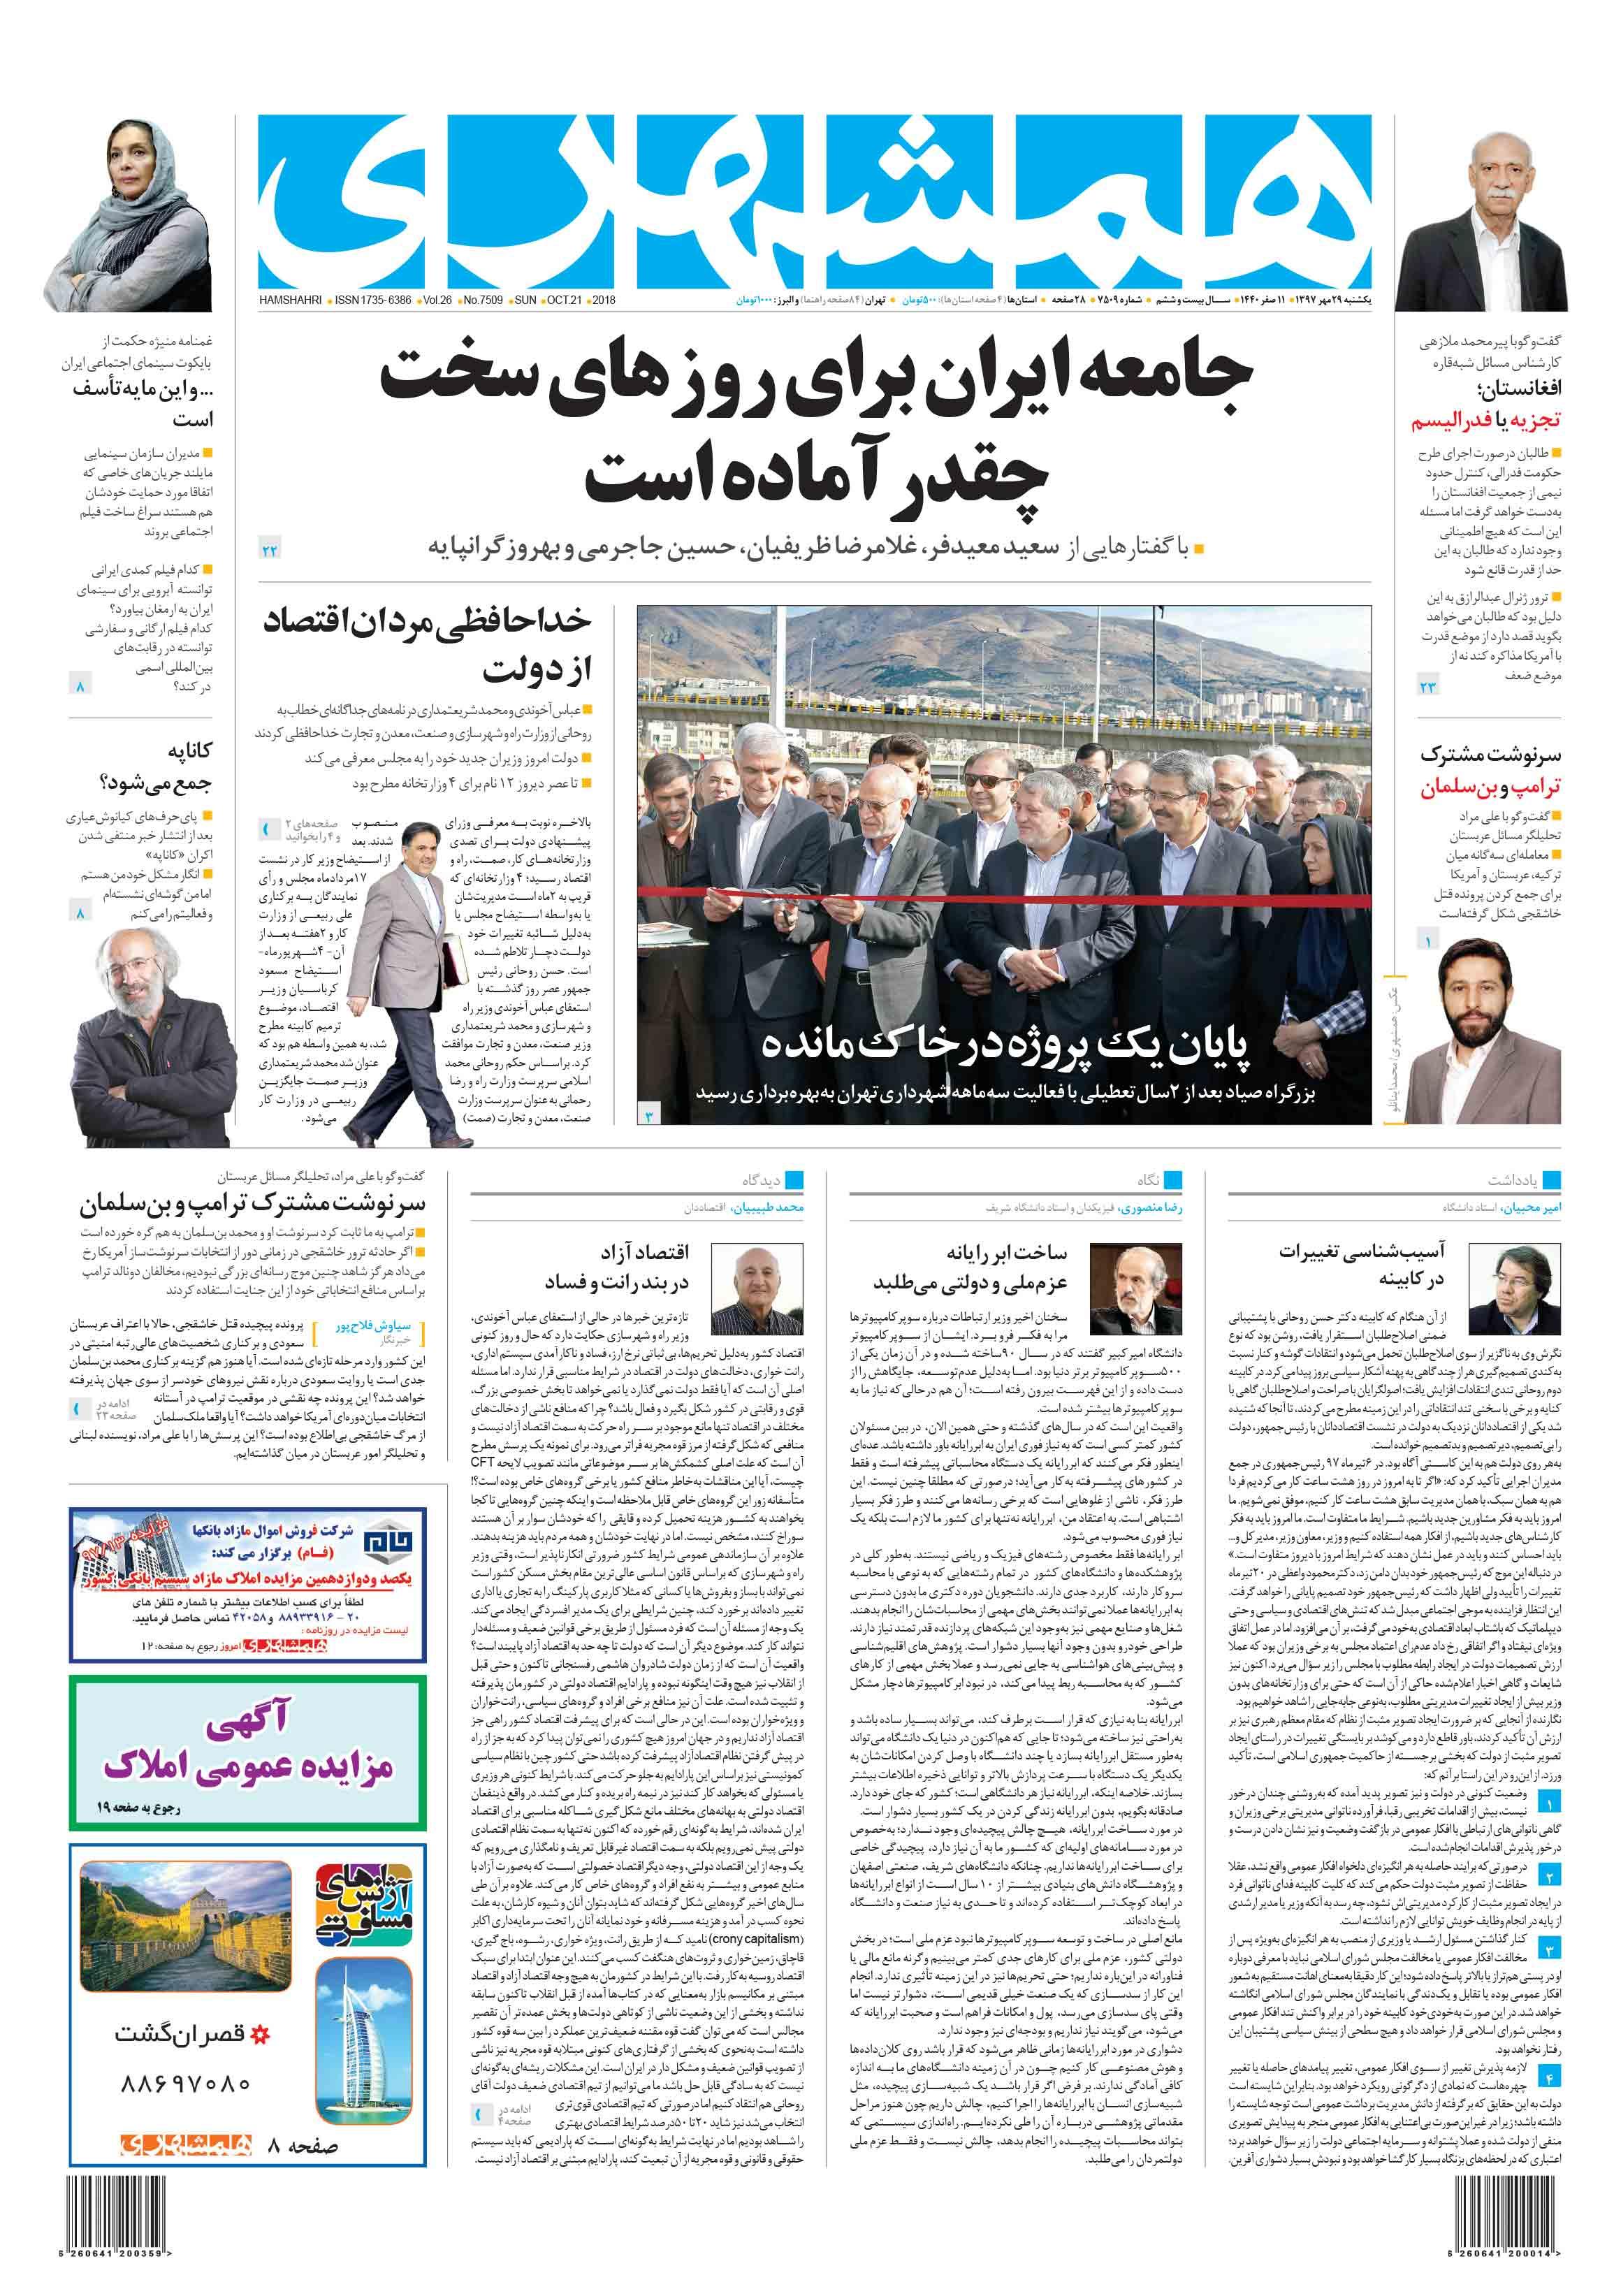 صفحه اول یکشنبه 29 مهر 1397